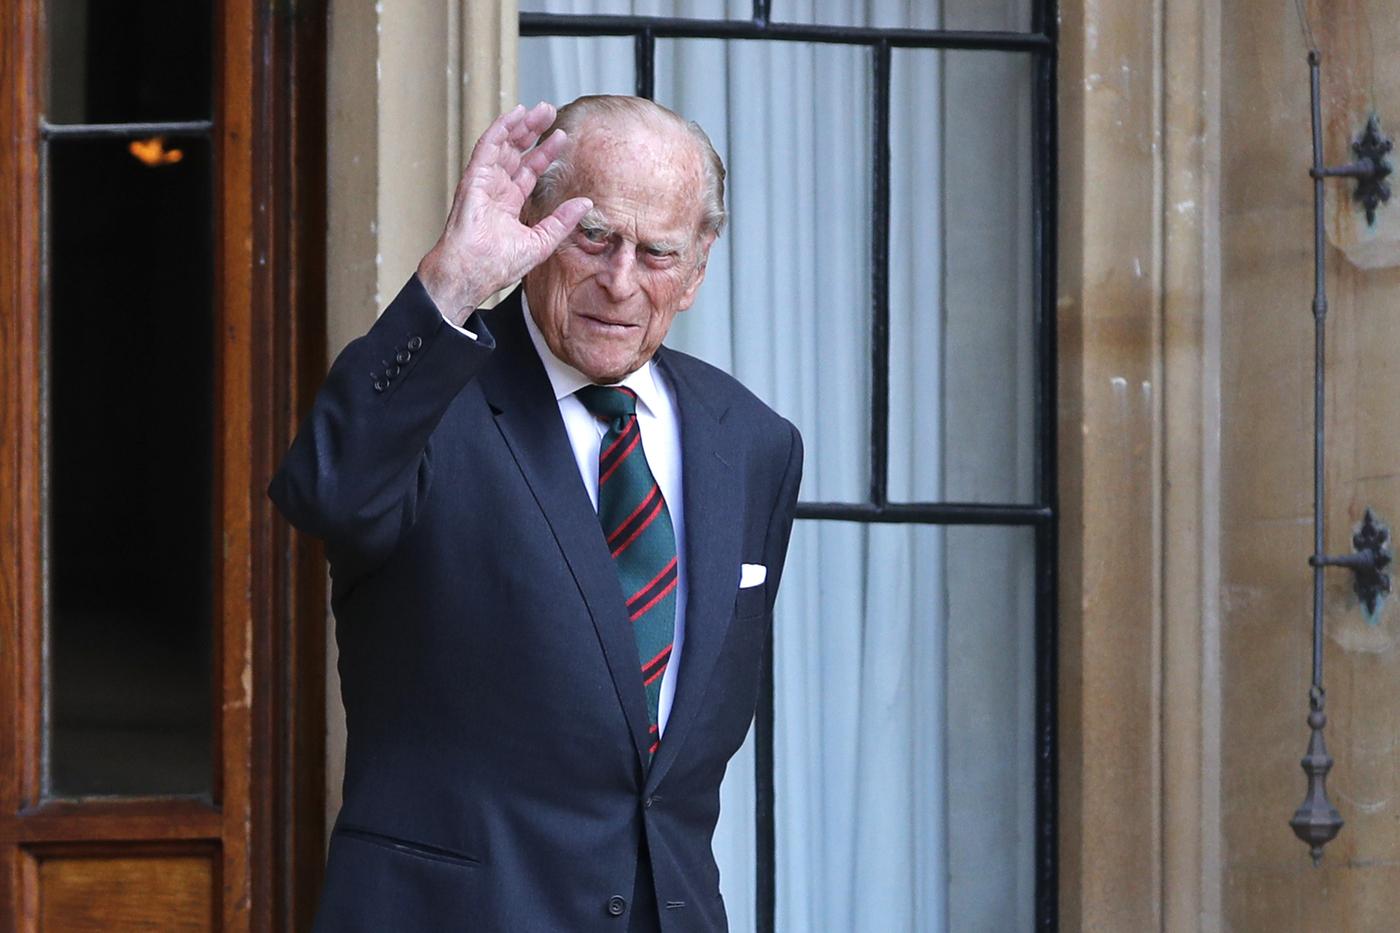 Principe Filippo ricompare in pubblico a cerimonia militare al castello di Windsor